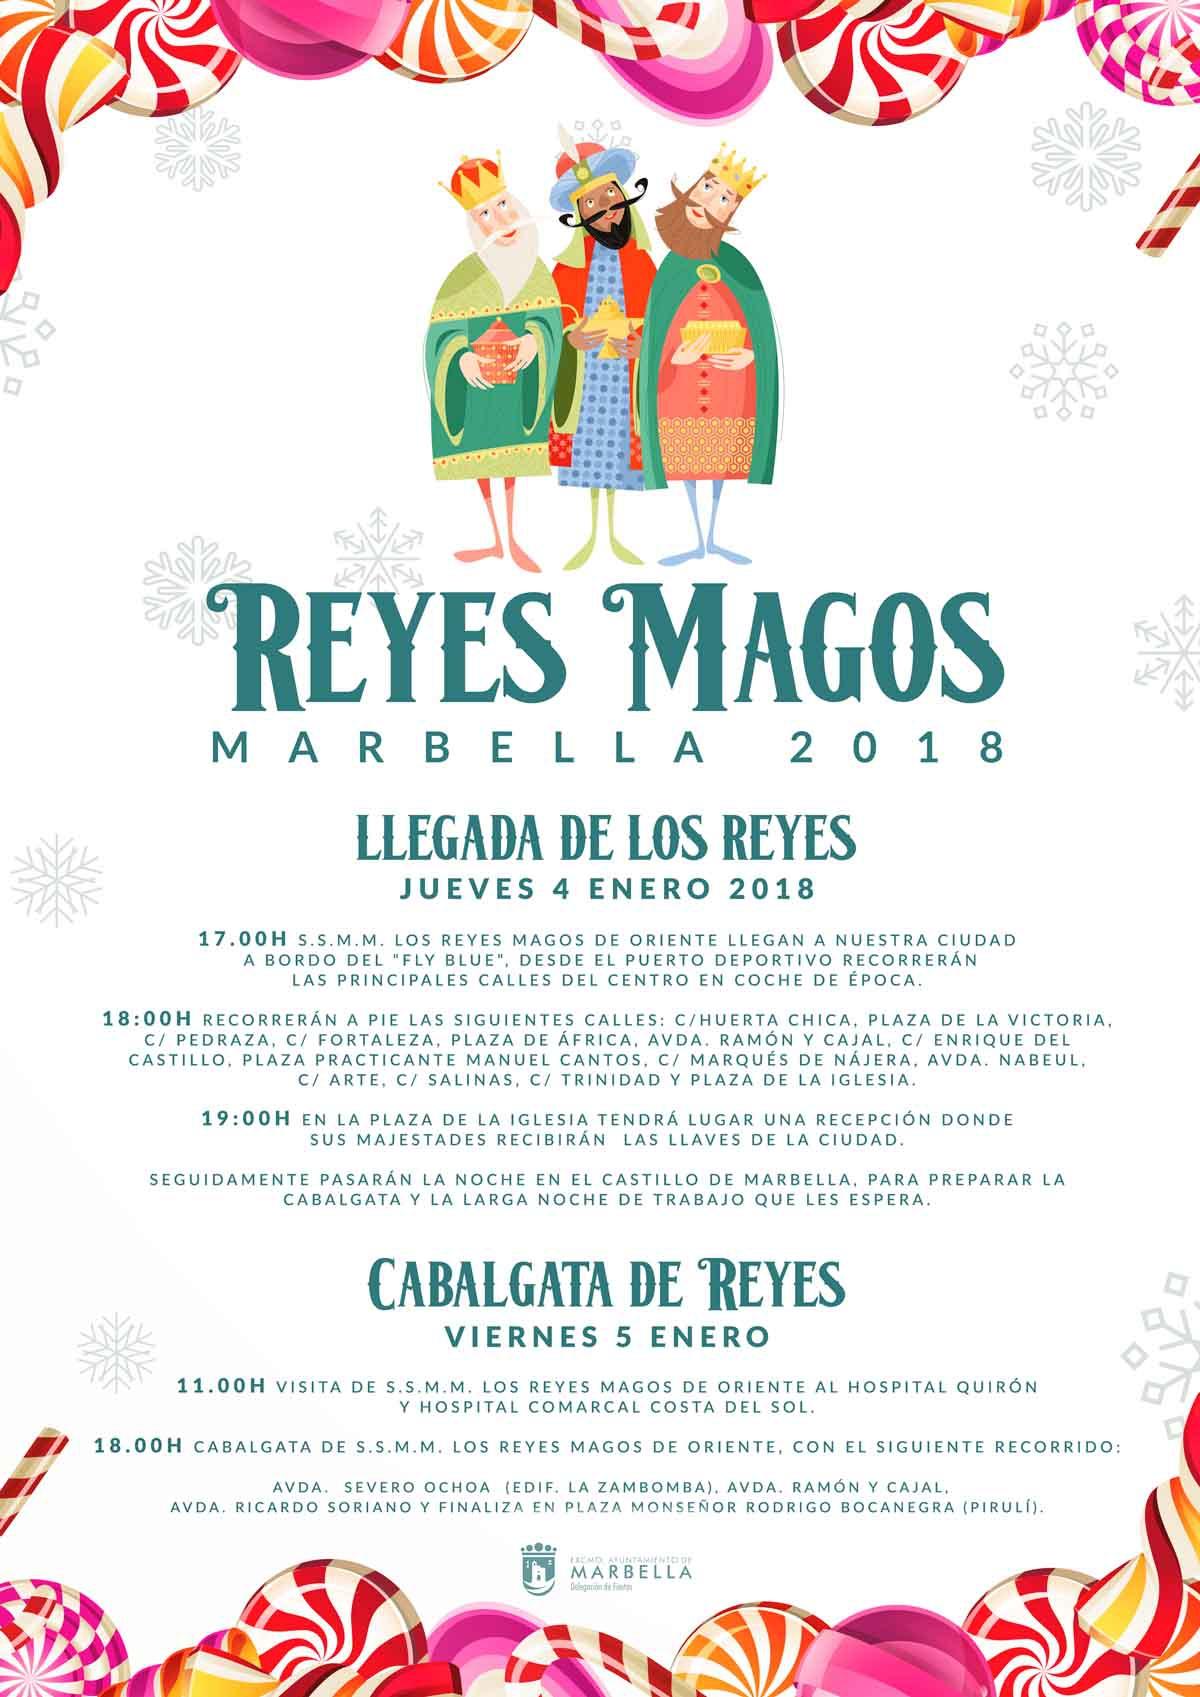 Las Cabalgatas de SSMM Los Reyes Magos de Oriente repartirán 15.000 kilos de caramelos entre Marbella, San Pedro Alcántara, Nueva Andalucía y Las Chapas